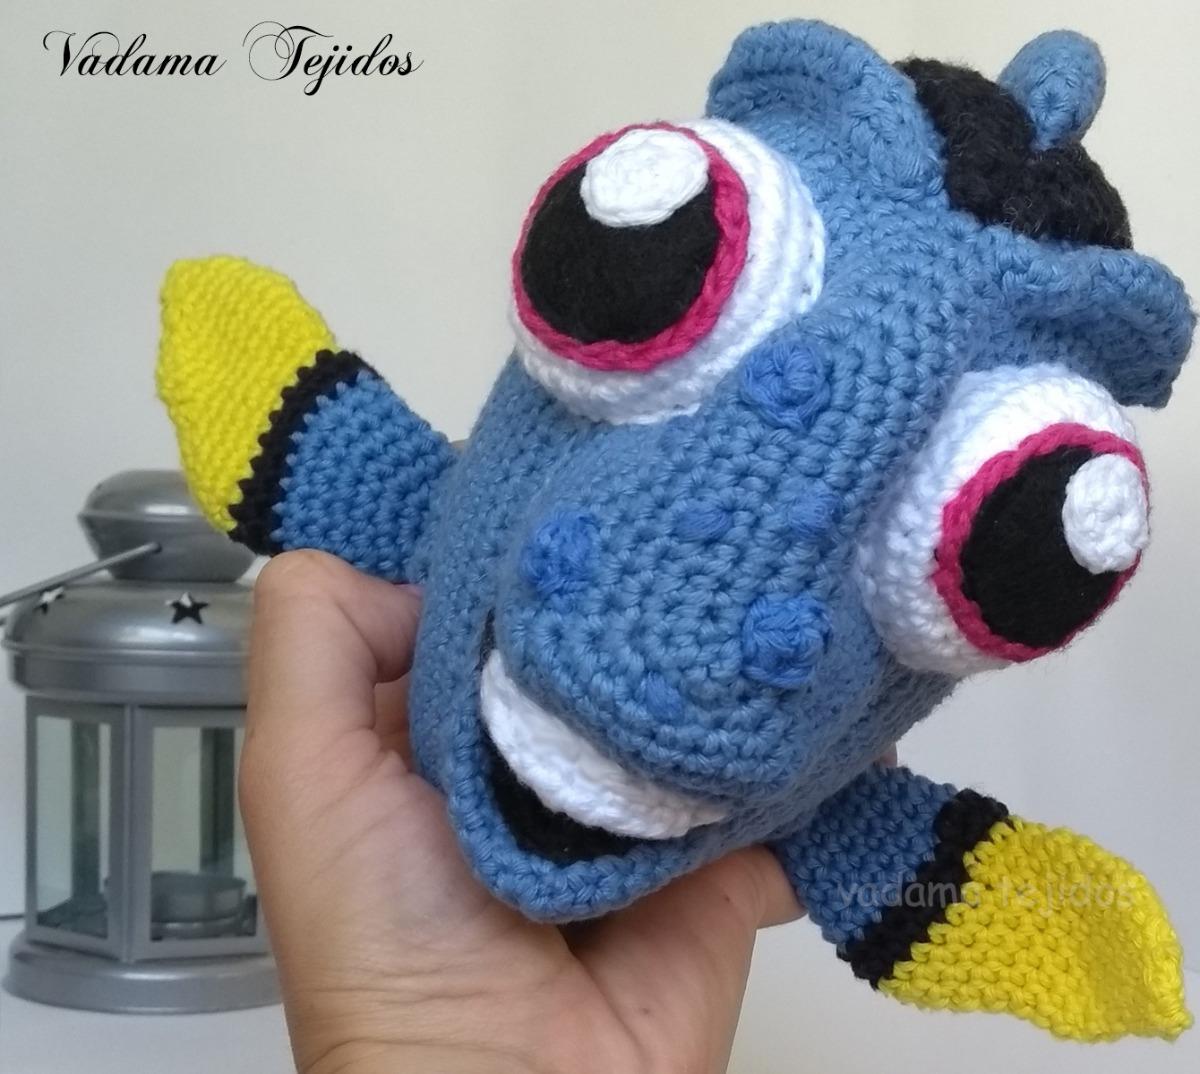 Crochet PATTERN No 1624- blue fish pattern by Krawka | Wzory ... | 1074x1200